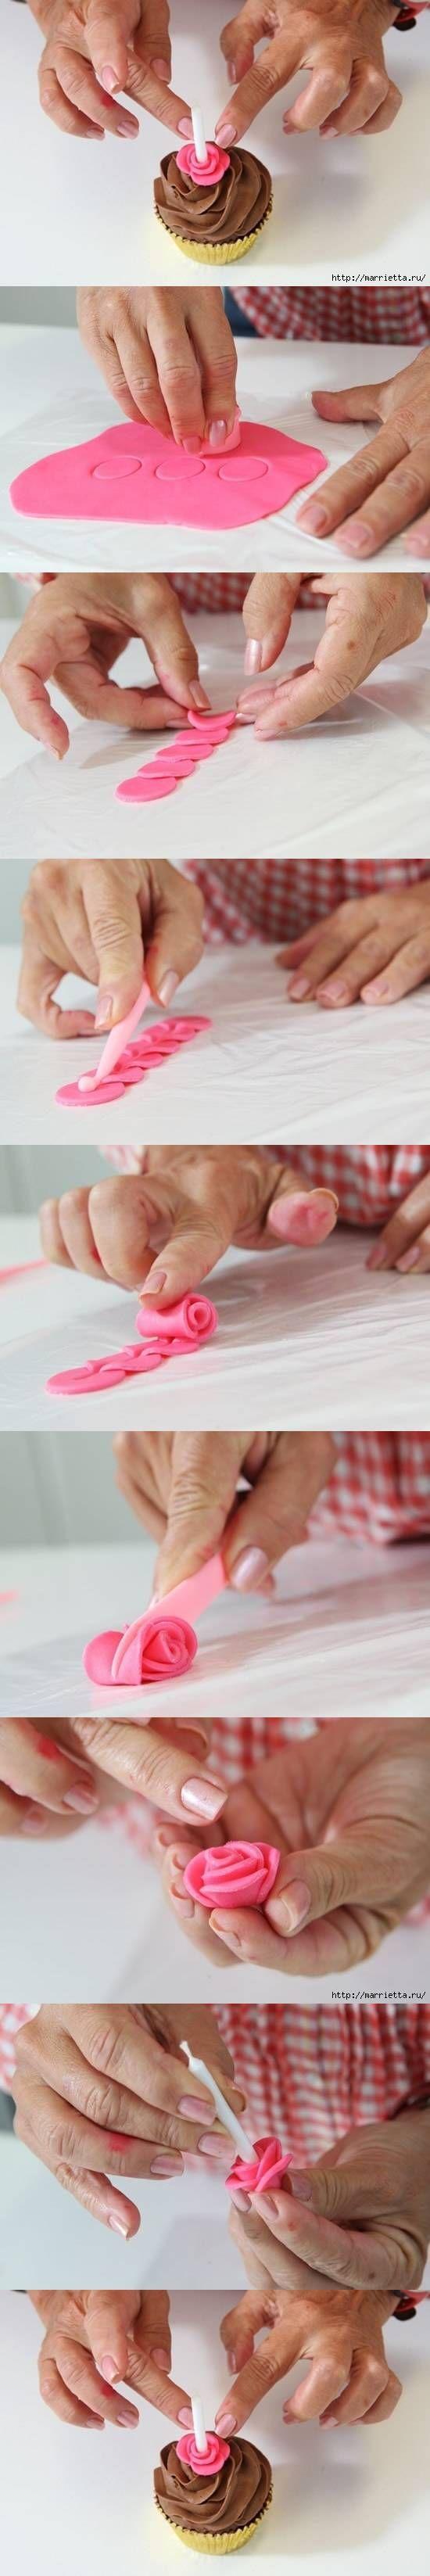 How To Make Origami Starfish